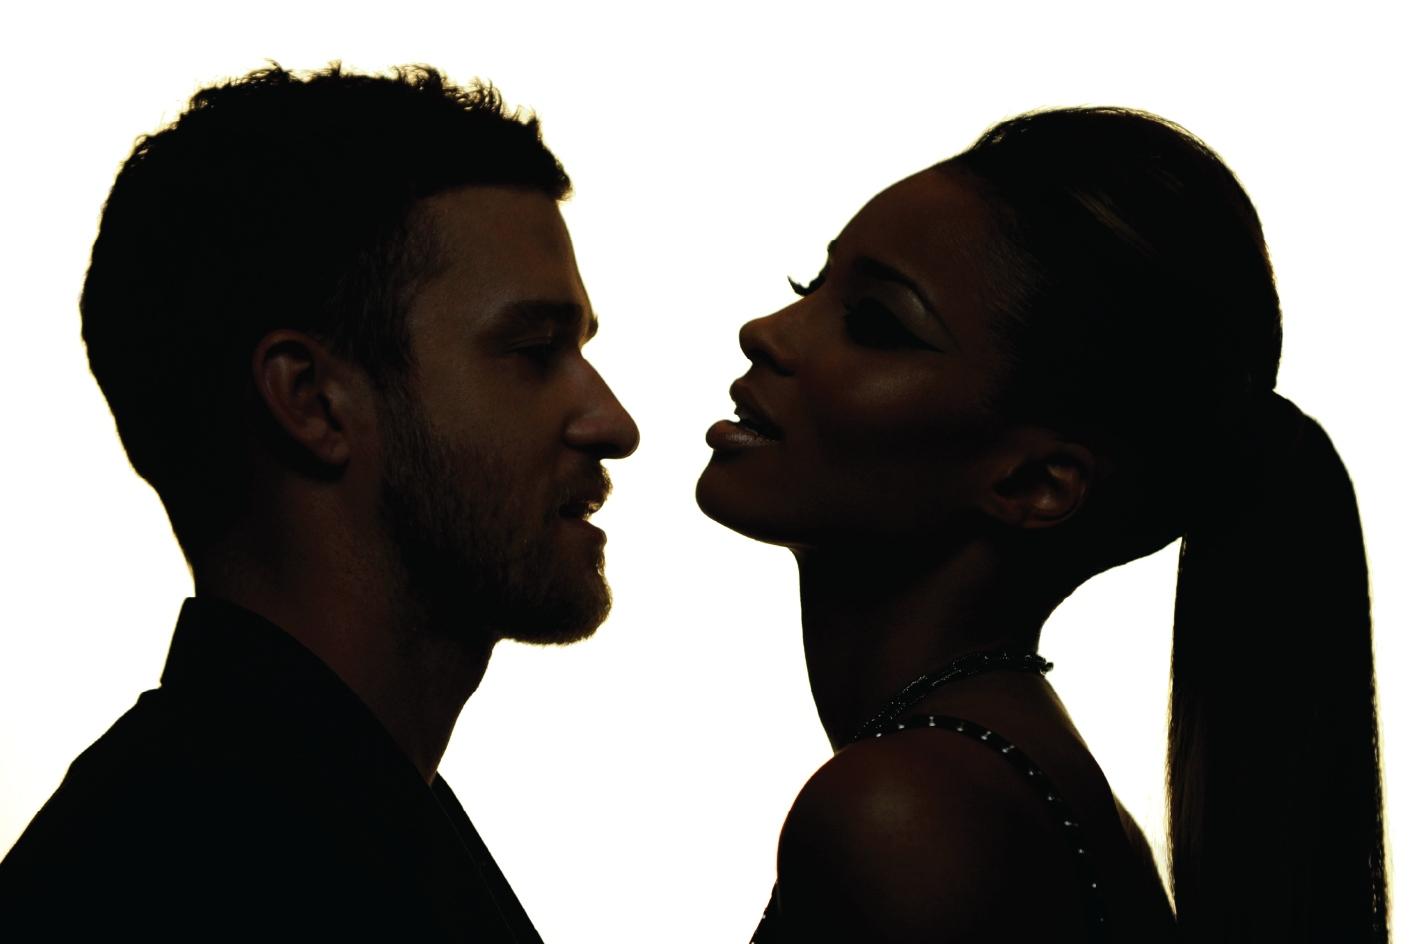 http://4.bp.blogspot.com/_B-lf6oLp2cQ/TAj1EHU9JrI/AAAAAAAAABg/JL_YGXeayMg/s1600/Ciara+%26+Justin.jpg